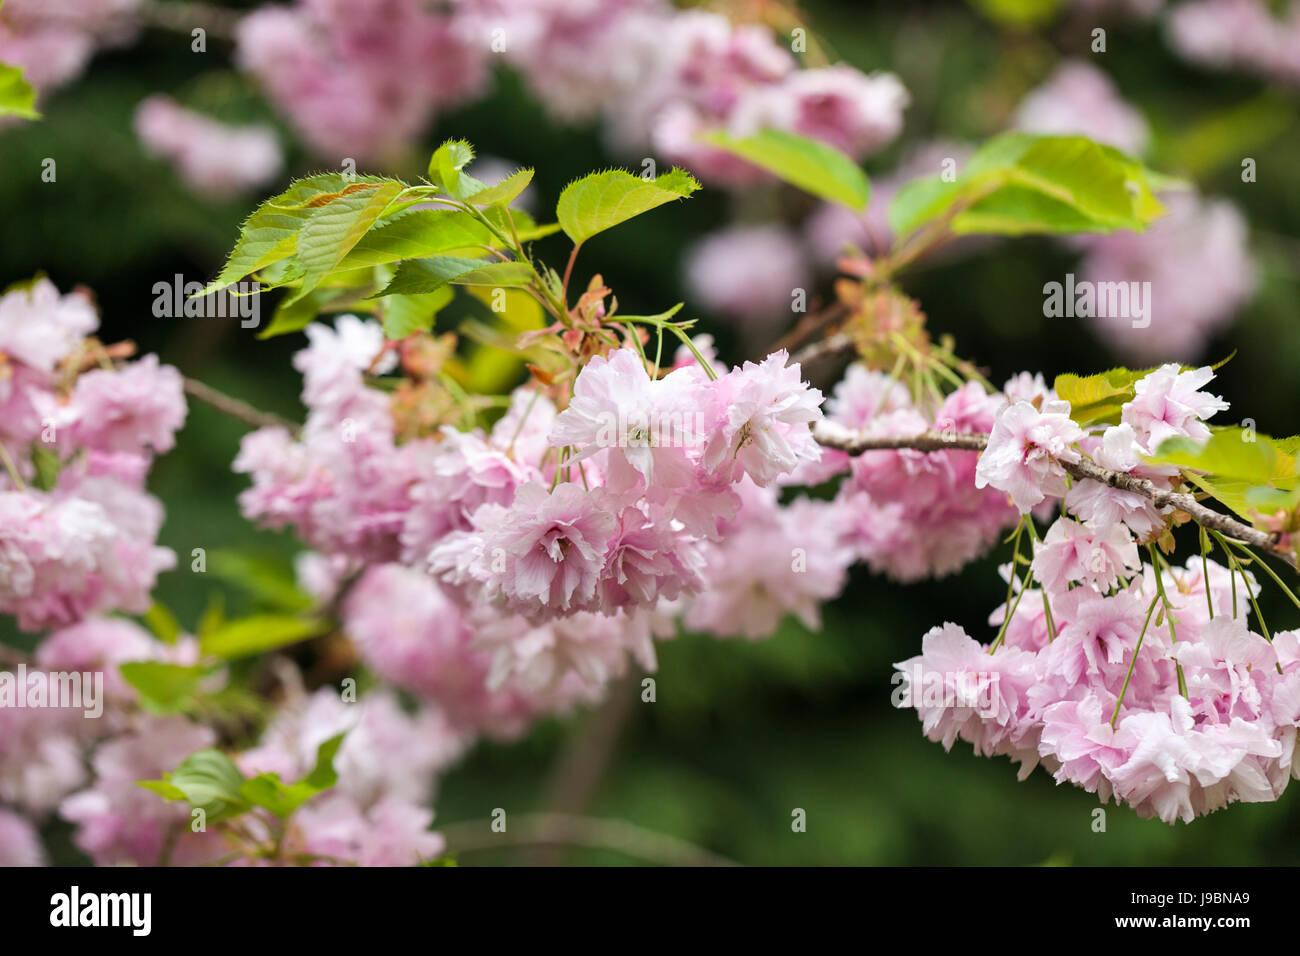 Cerca de Prunus 'Perfección' rosa flor de cerezo floración en primavera Imagen De Stock